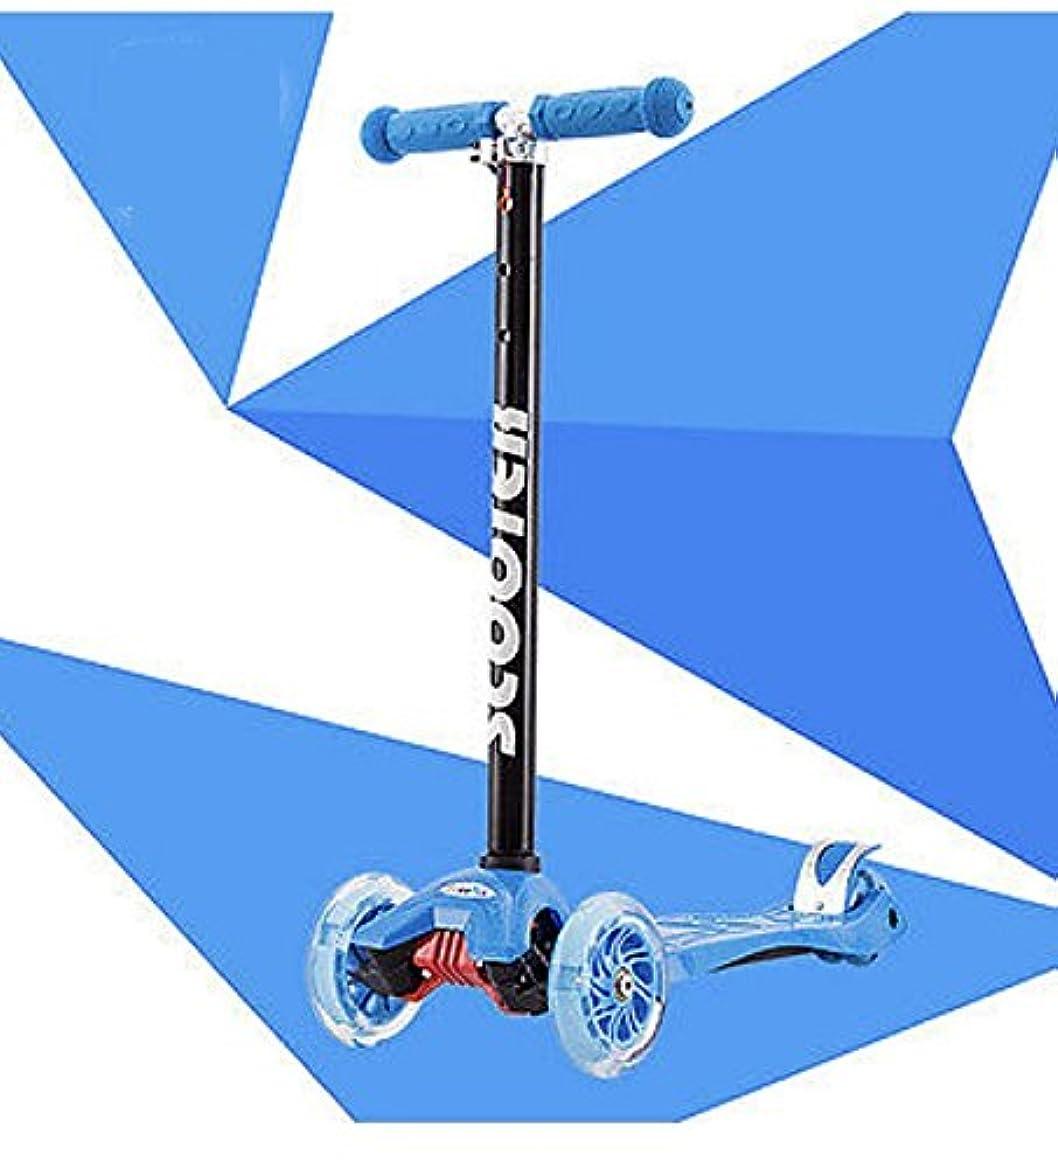 回転十分絶縁する三方良し キックボード 3輪 子供 LED 光るホイール キックスケーター 子供用 キックスクーター キッズ フットブレーキ 誕生日 プレゼント 三輪車 イージースケーター SCOOTER (ライトブルー)